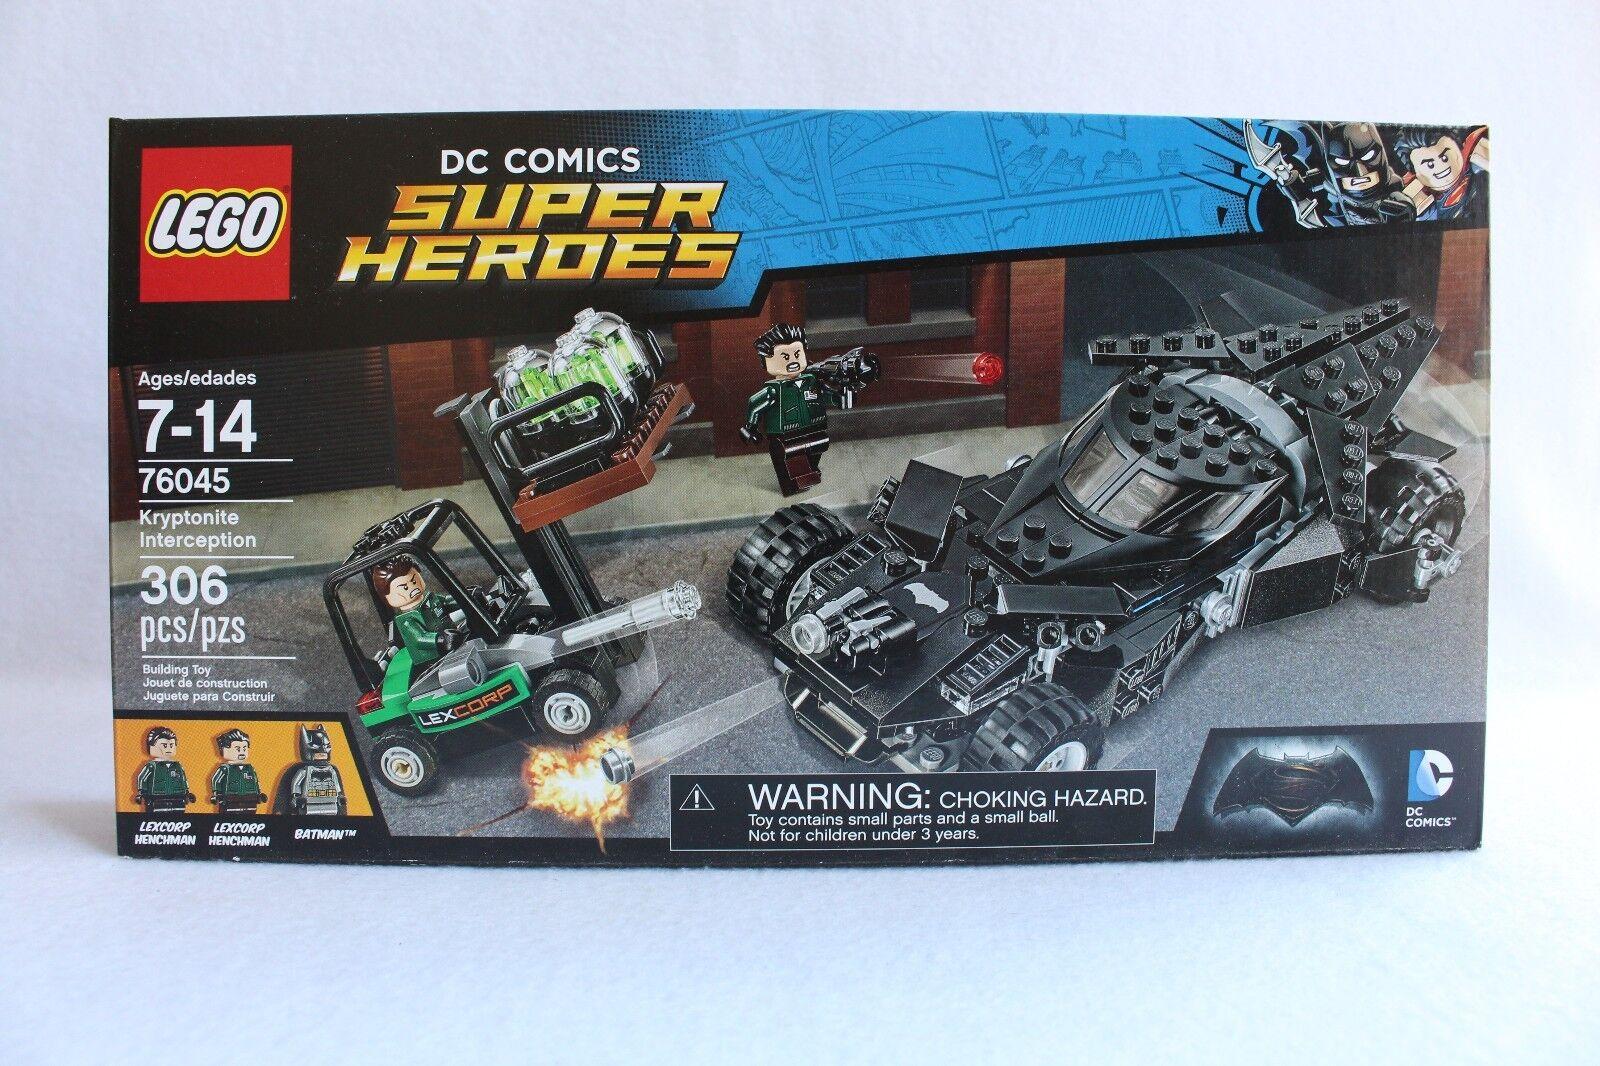 LEGO DC Comics Super Heroes 76045 KYRPTONITE INTERCEPTION Batman Batmobile NEW